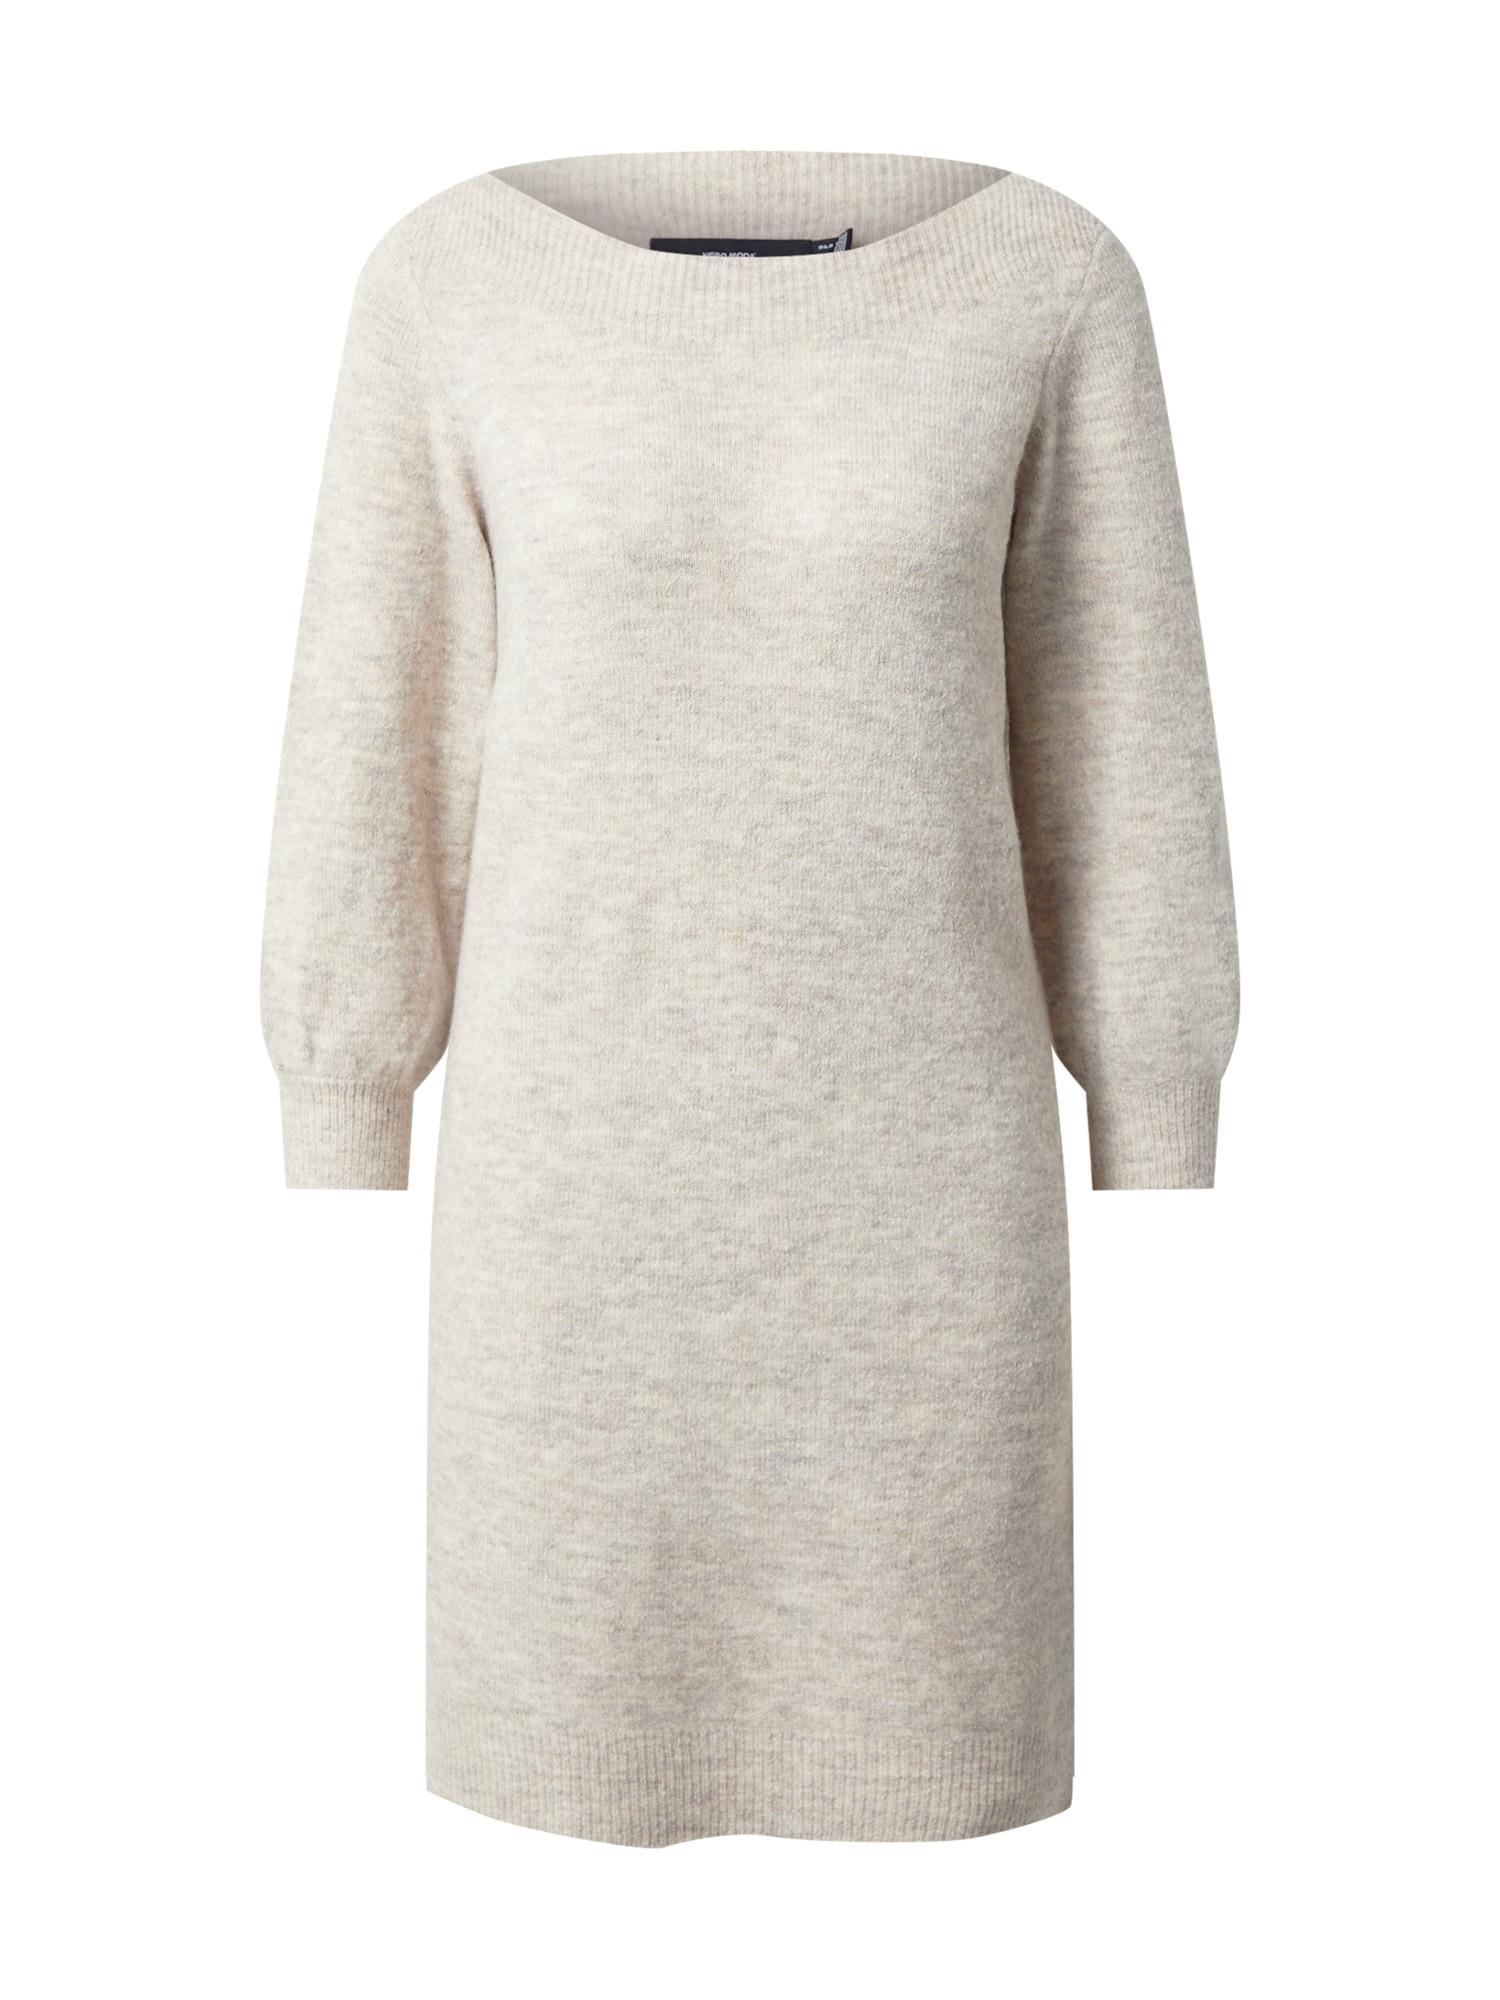 VERO MODA Úpletové šaty 'LEFILE'  béžový melír